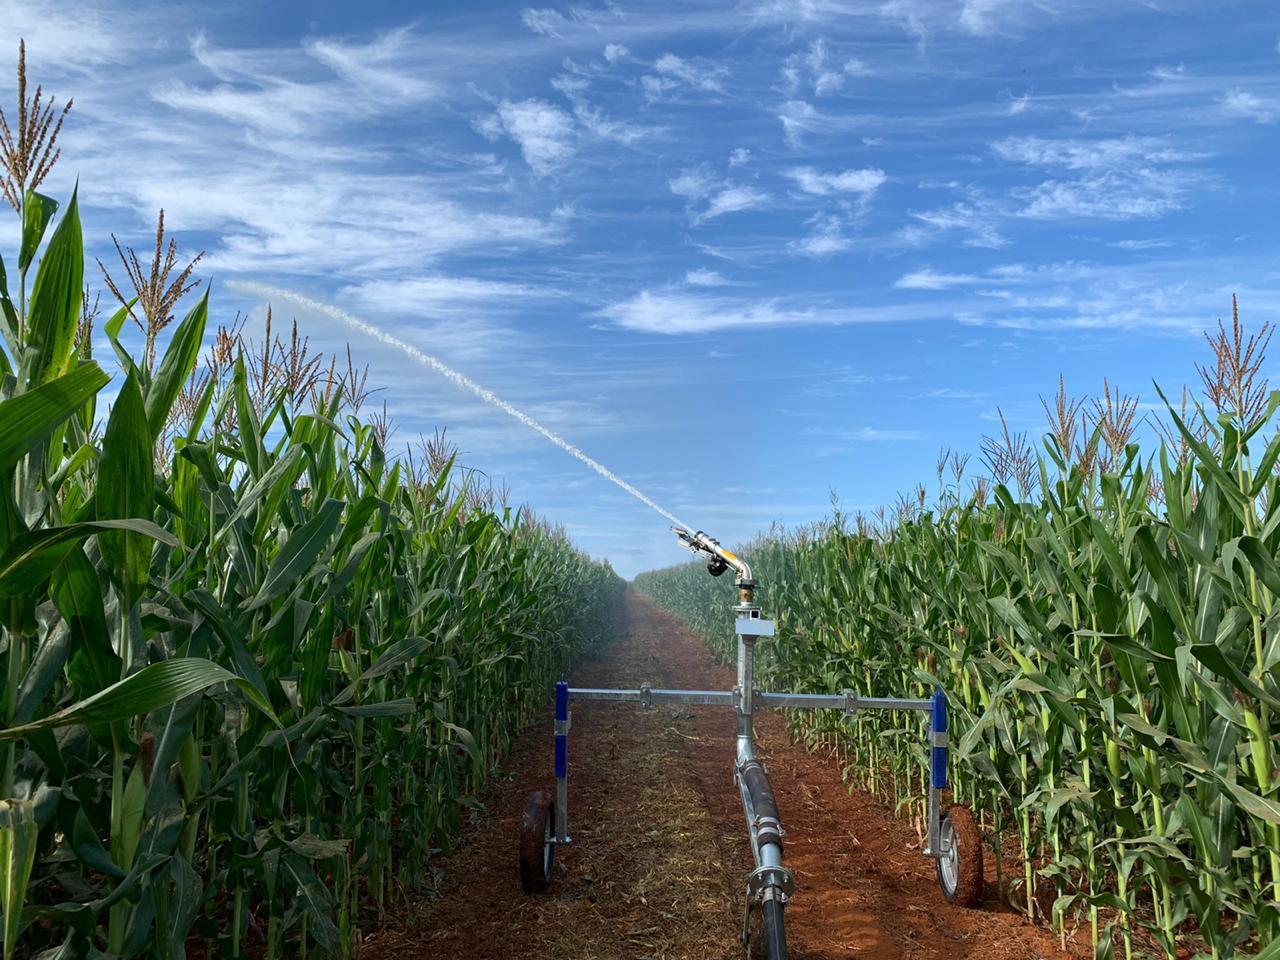 carretel de irrigacao irrigabas rolao en